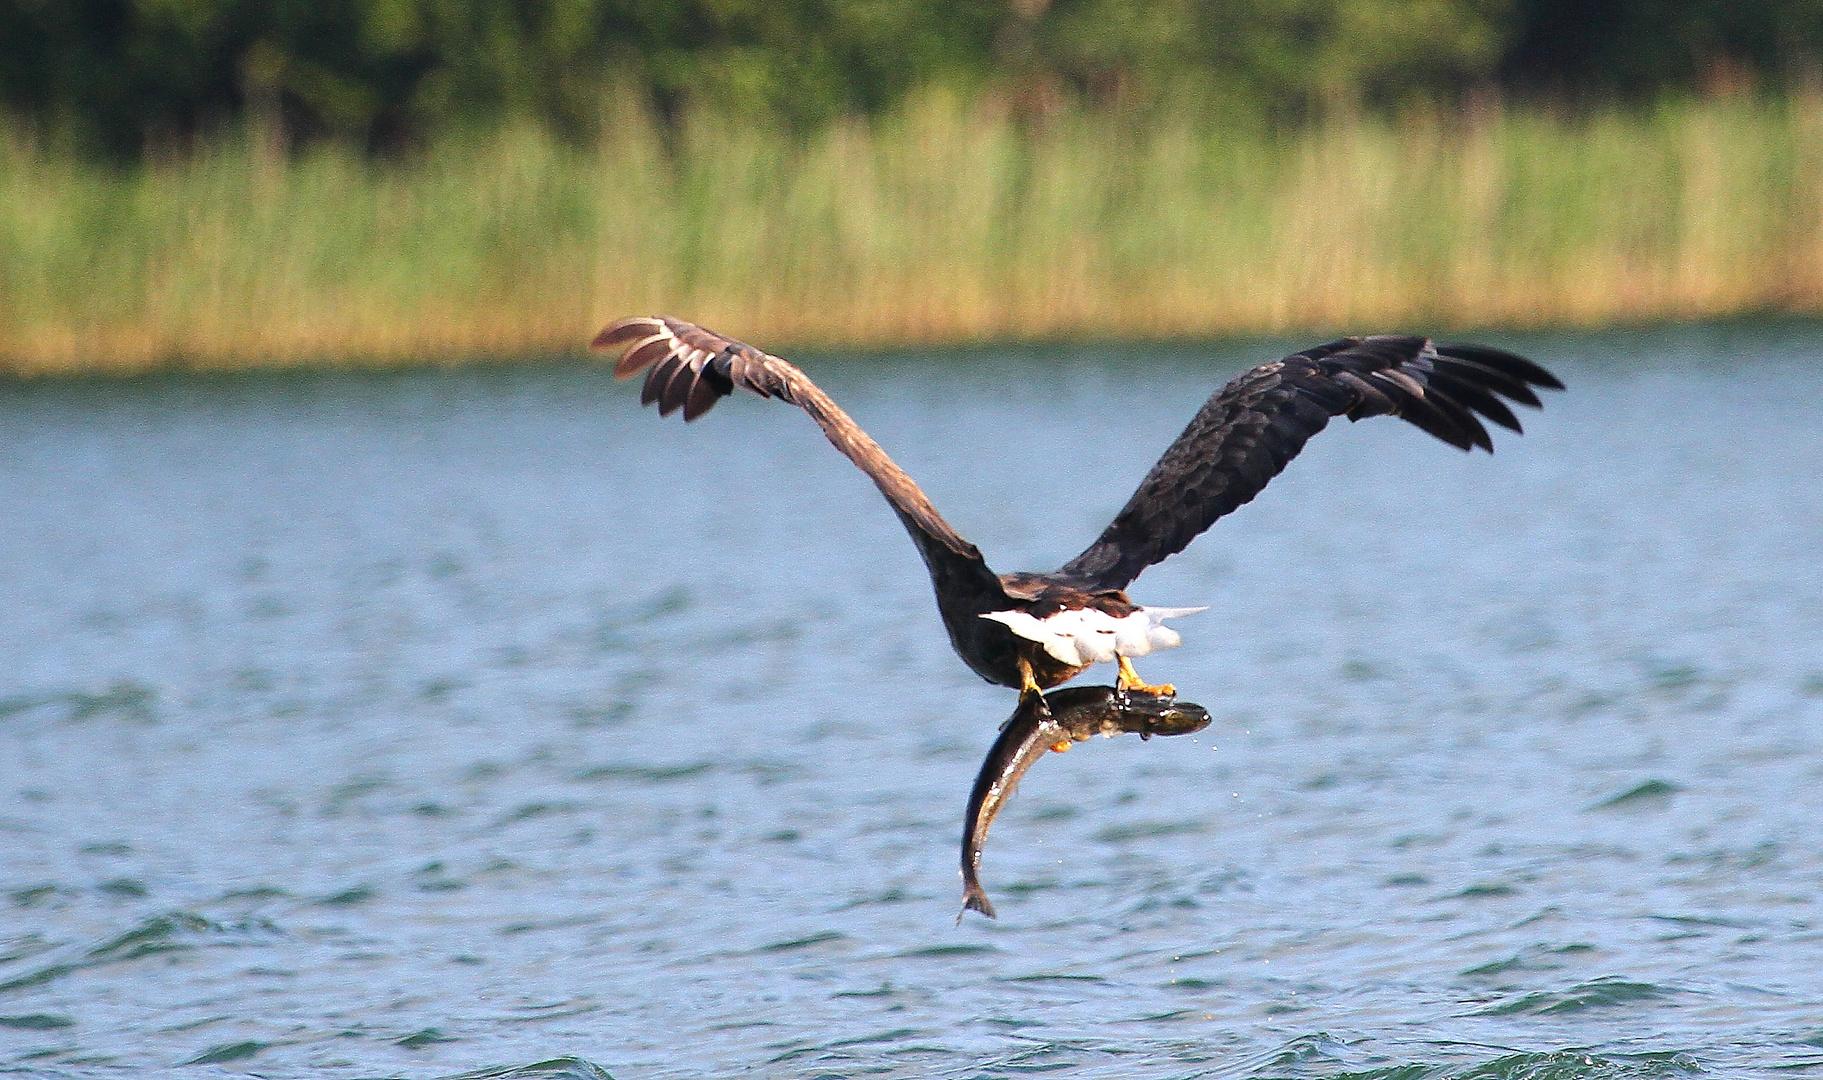 Raubvogel fängt Raubfisch (Hecht)